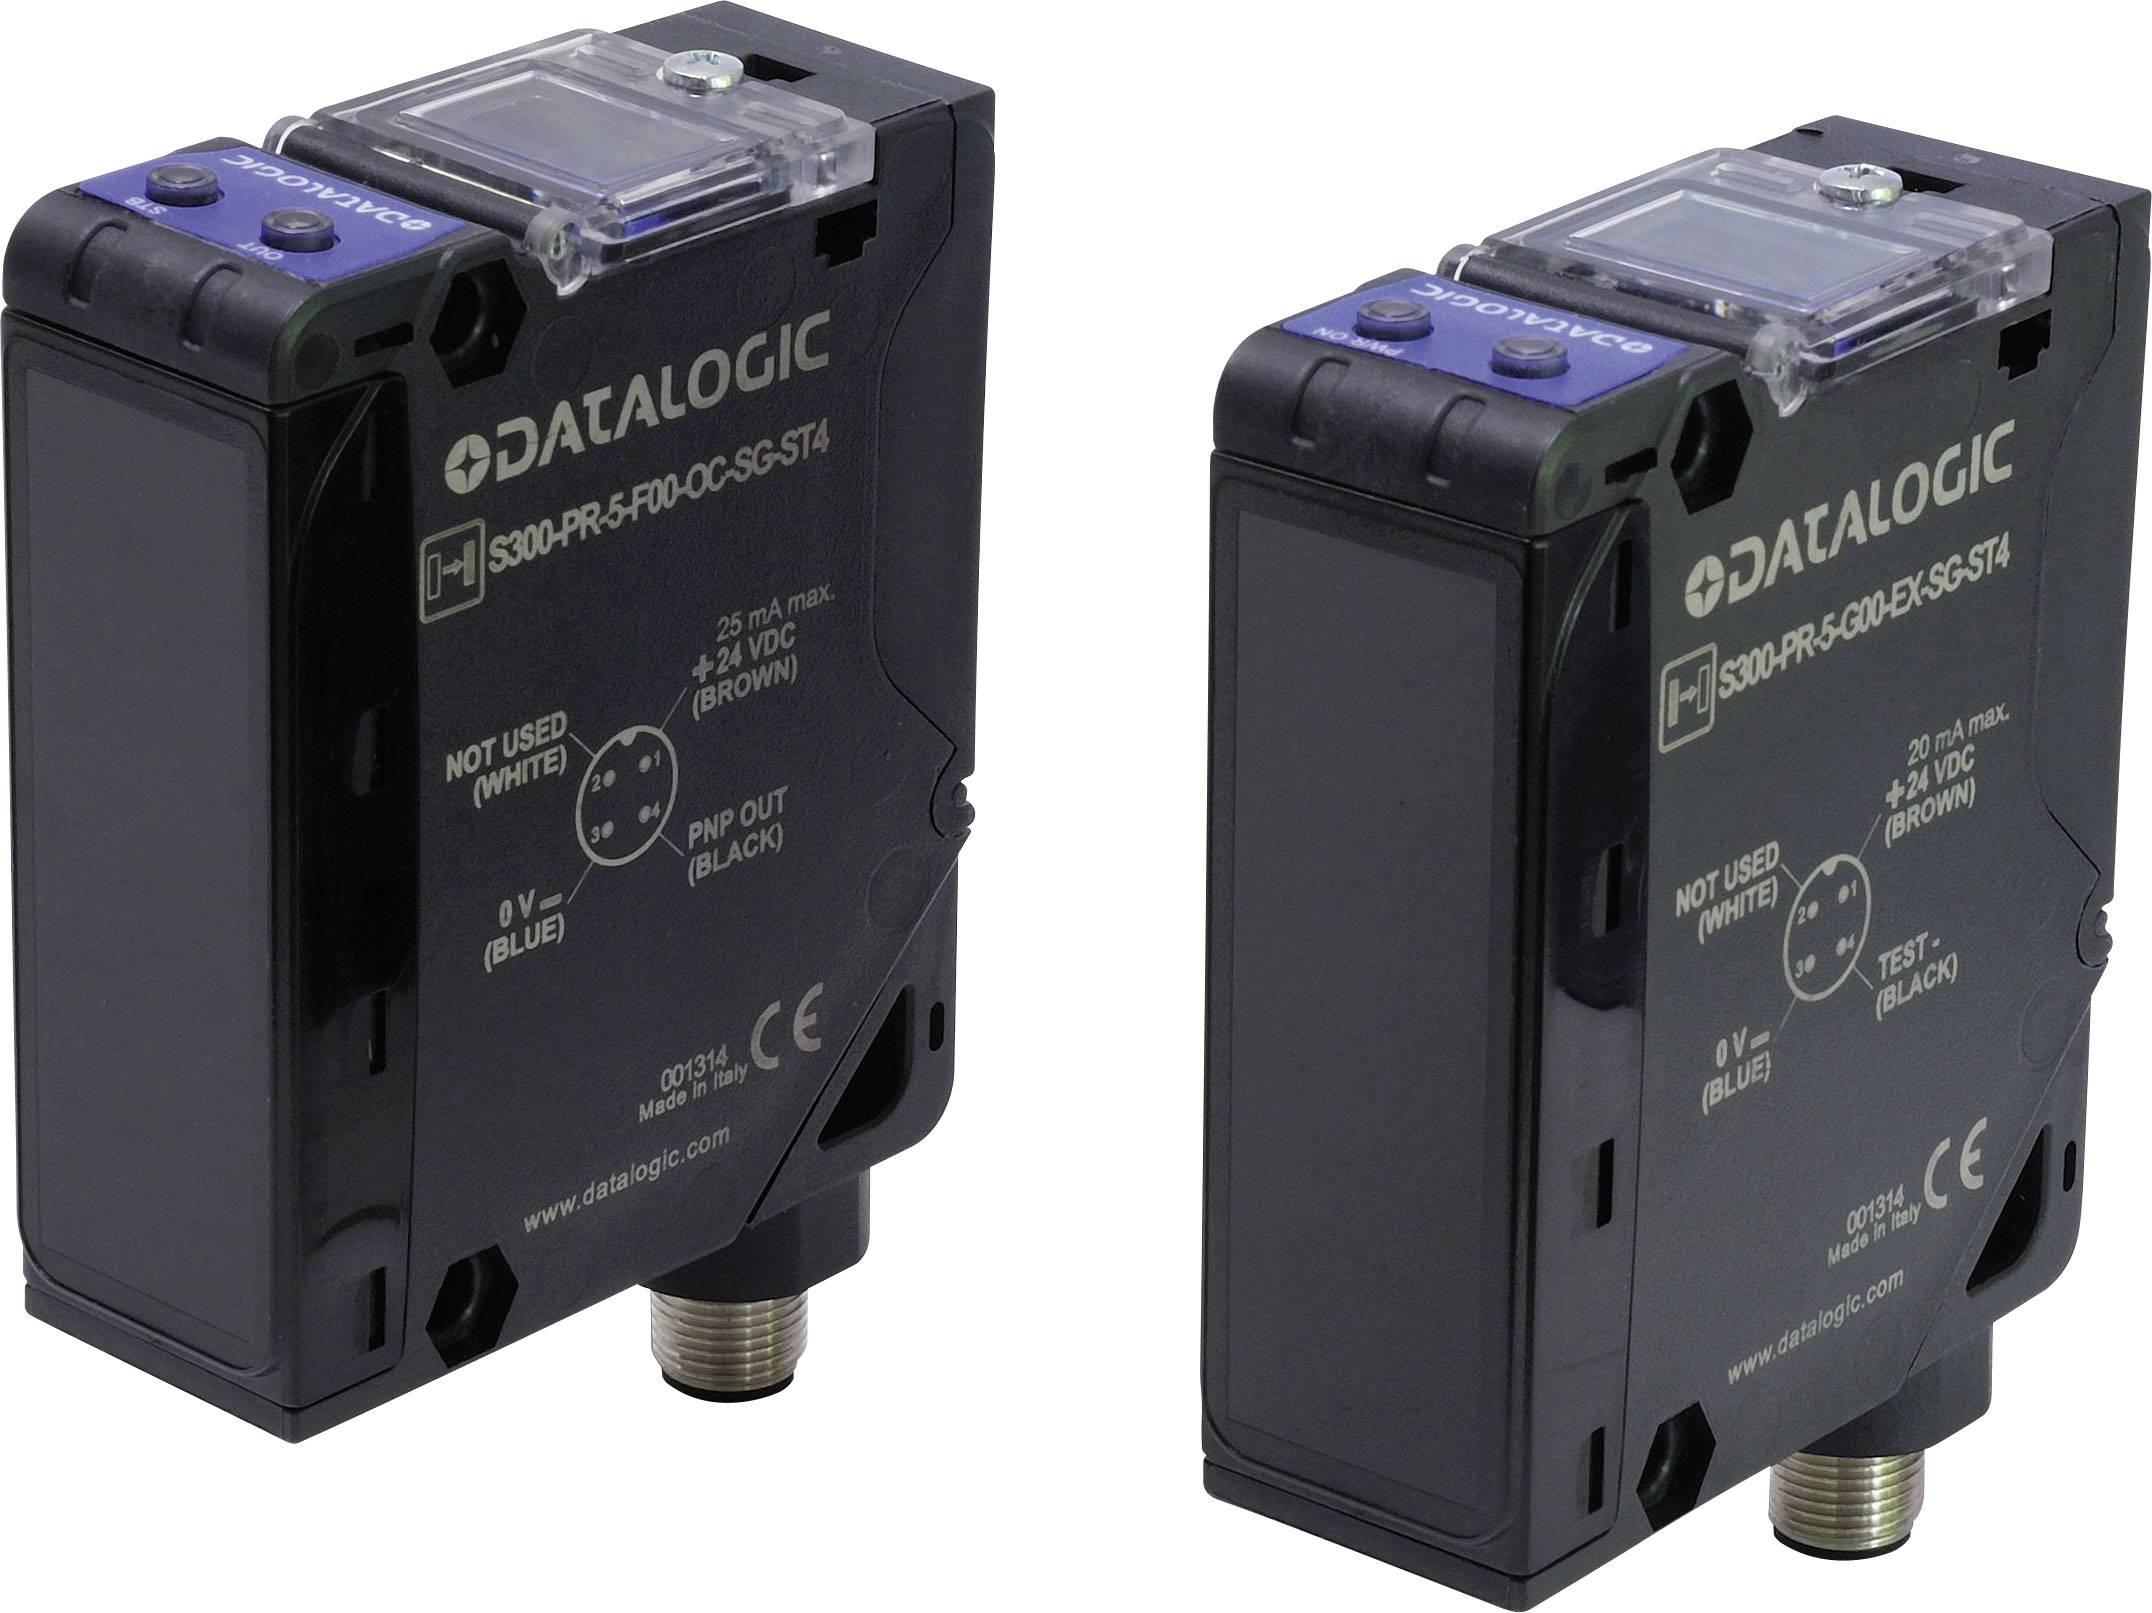 Reflexná svetelná závora DataLogic S300-PR-1-B01-RX SV4906